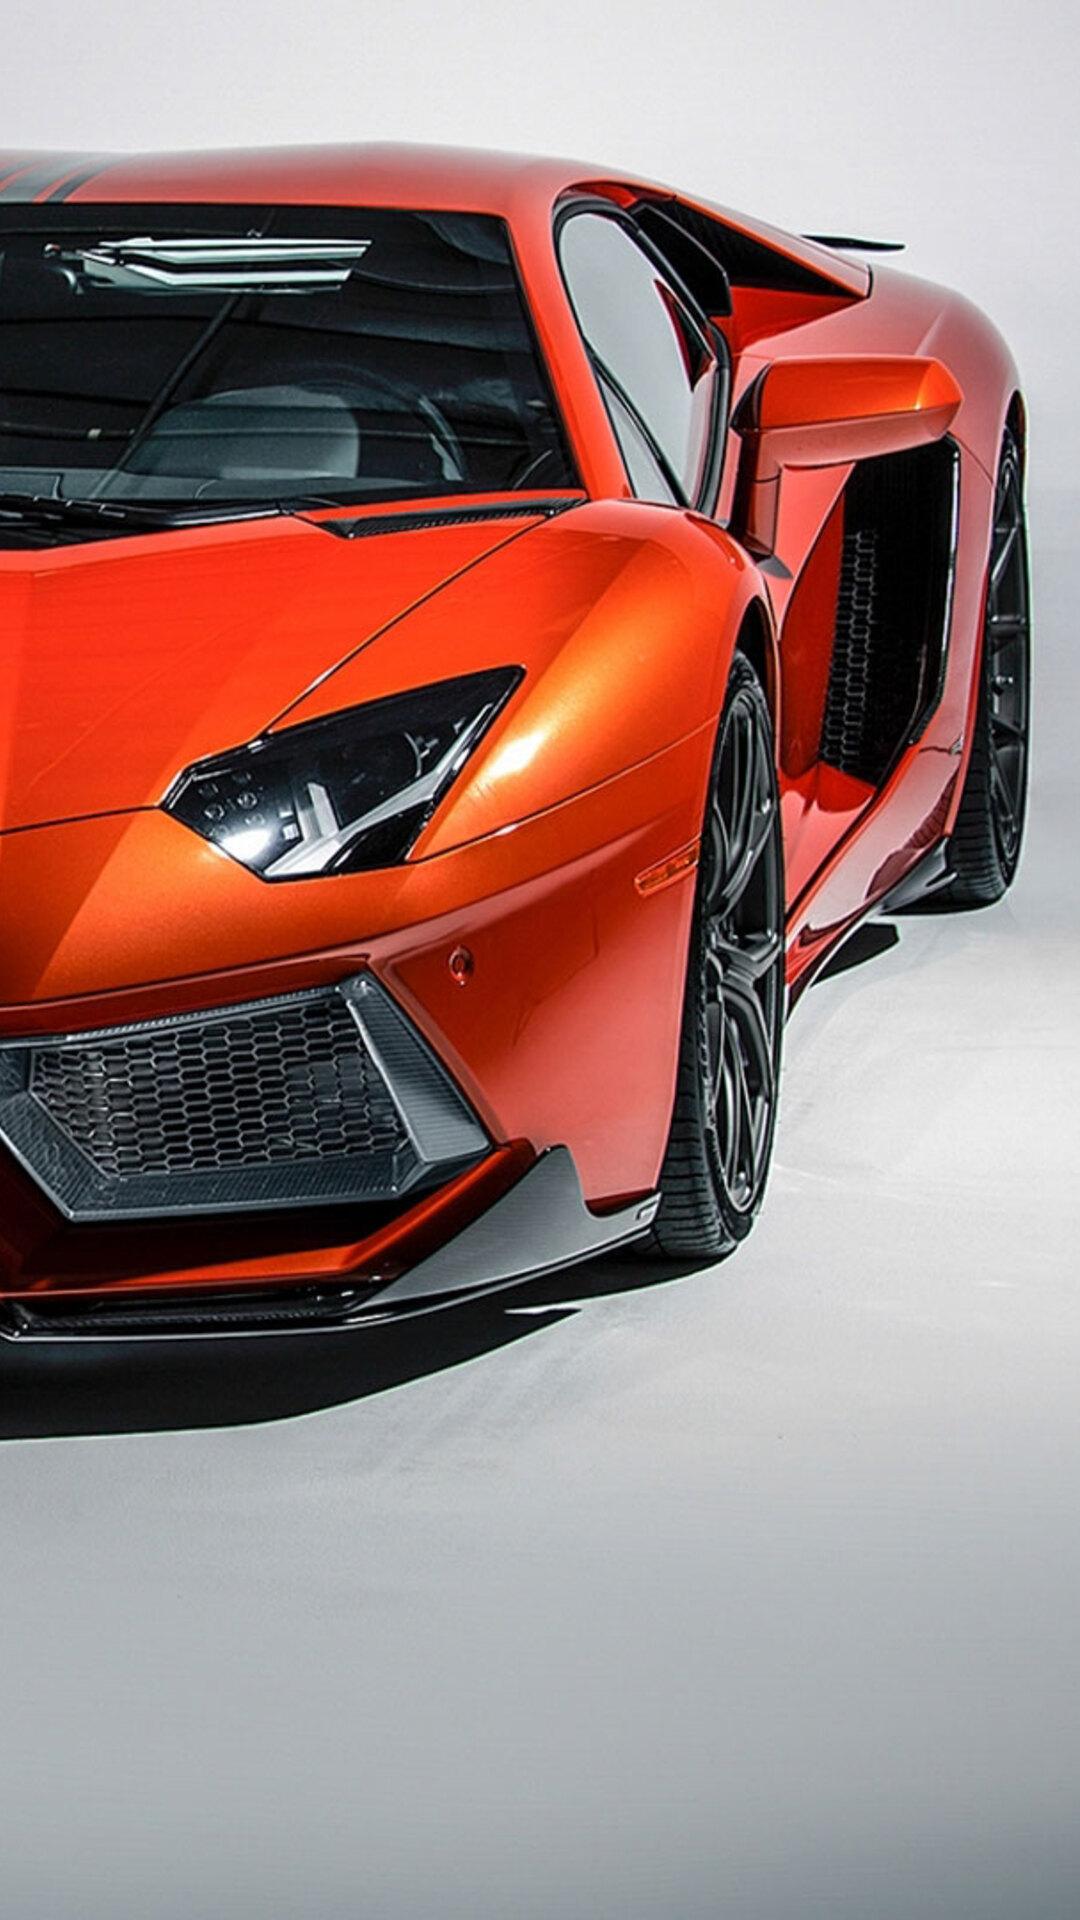 1080x1920 Lamborghini Aventador LP 700 4 Iphone 7,6s,6 ...